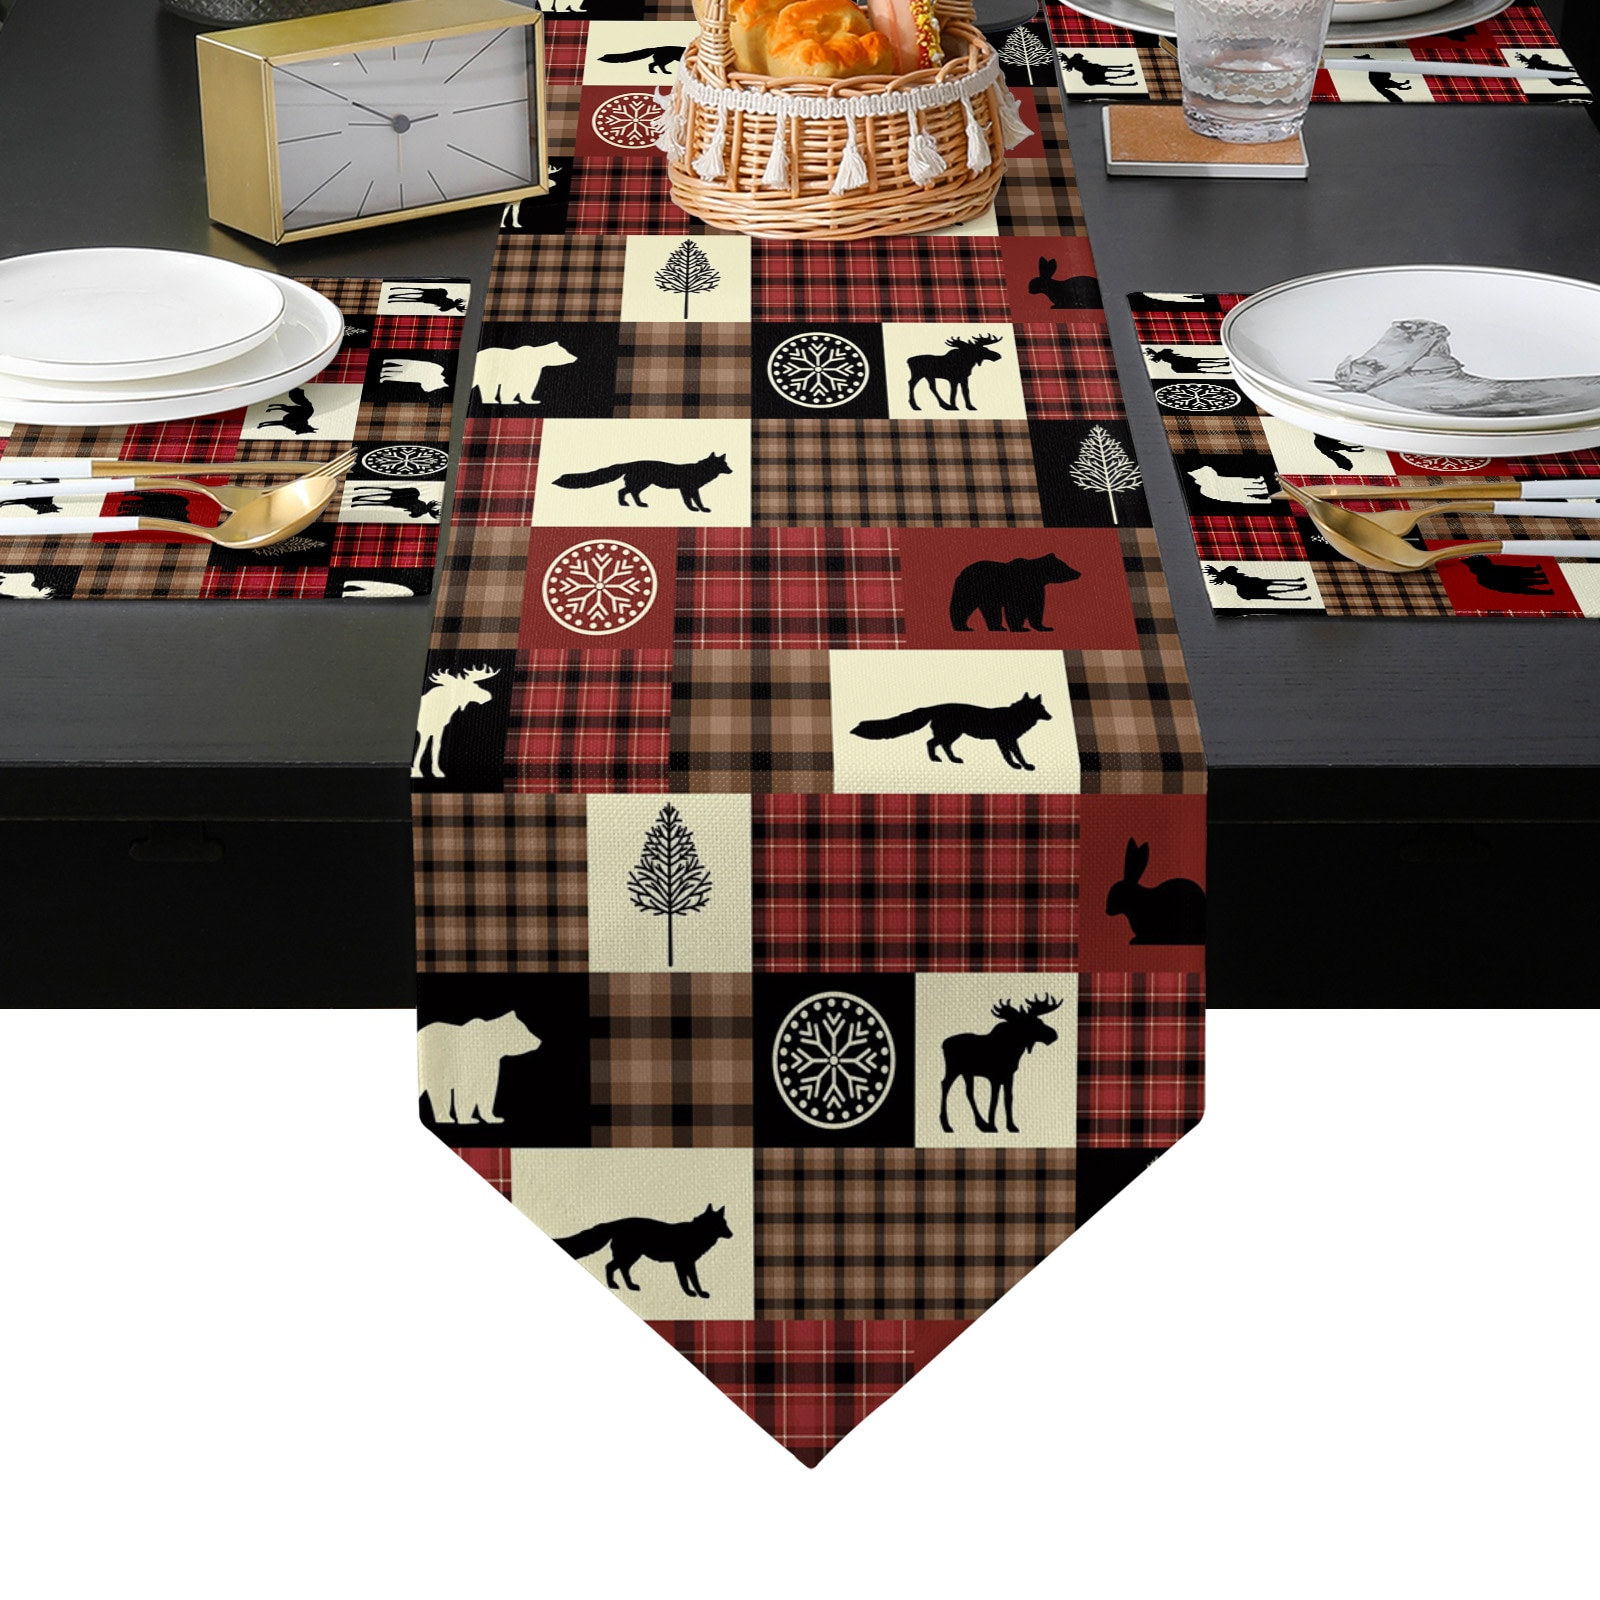 الحيوان الثعلب الدب الأيائل شجرة الجاموس الأحمر منقوشة الجدول عداء مجموعة للمنزل المطبخ طاولة طعام حفل زفاف عطلة الديكور